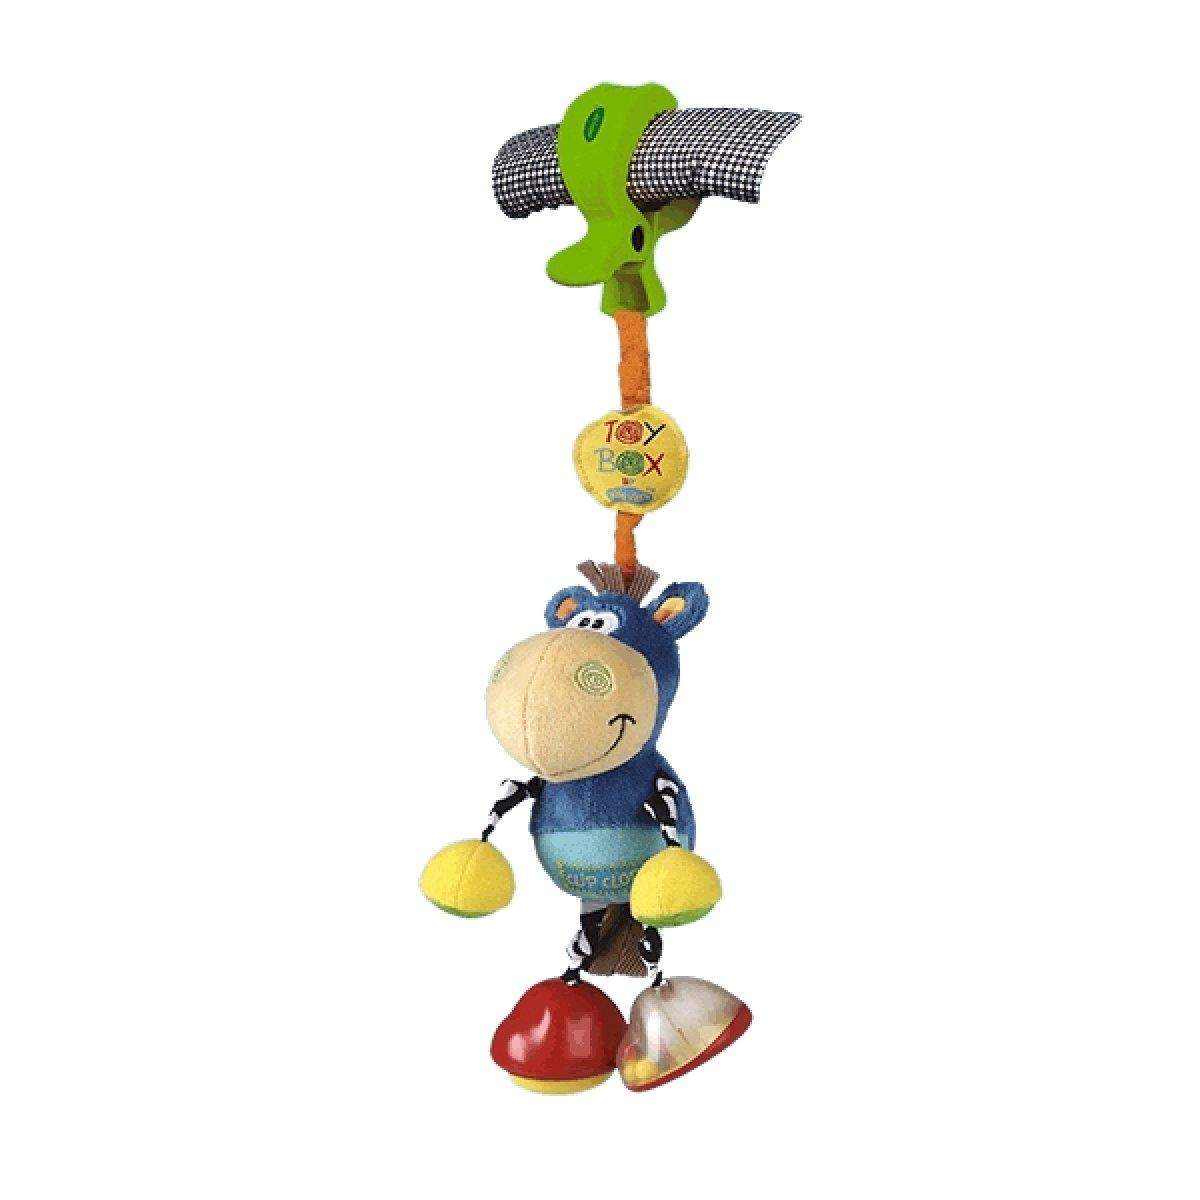 Toy Box Klipp Klapp Pferd für Kinderwagen Spielzeug zum